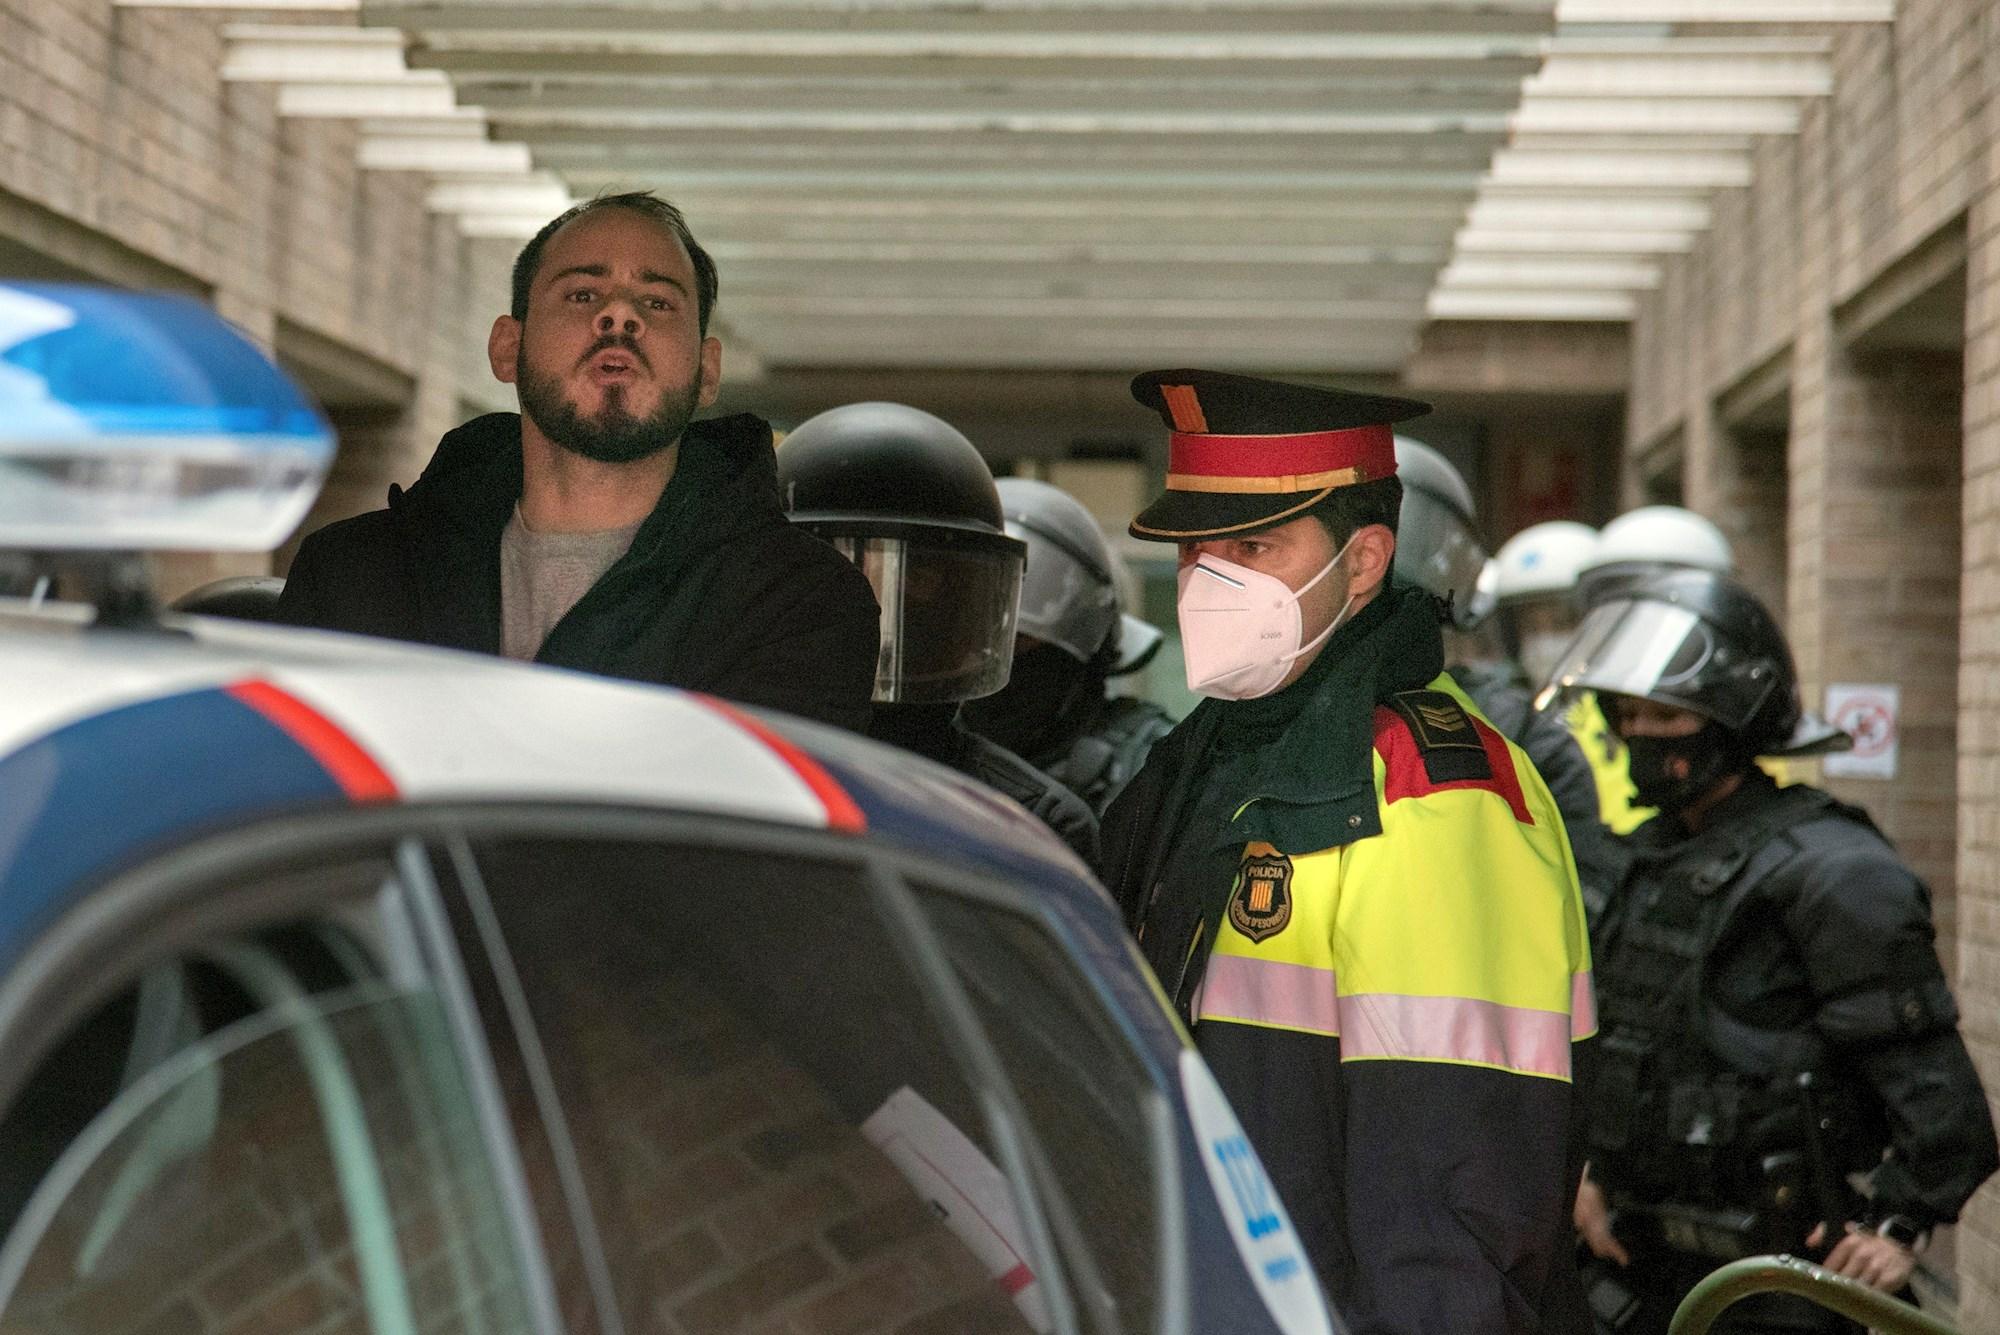 El rapero Pablo Hasél al momento de su detención en el rectorado de la Universidad de Lleida, el 16 de febrero de 2021 | EFE/RG